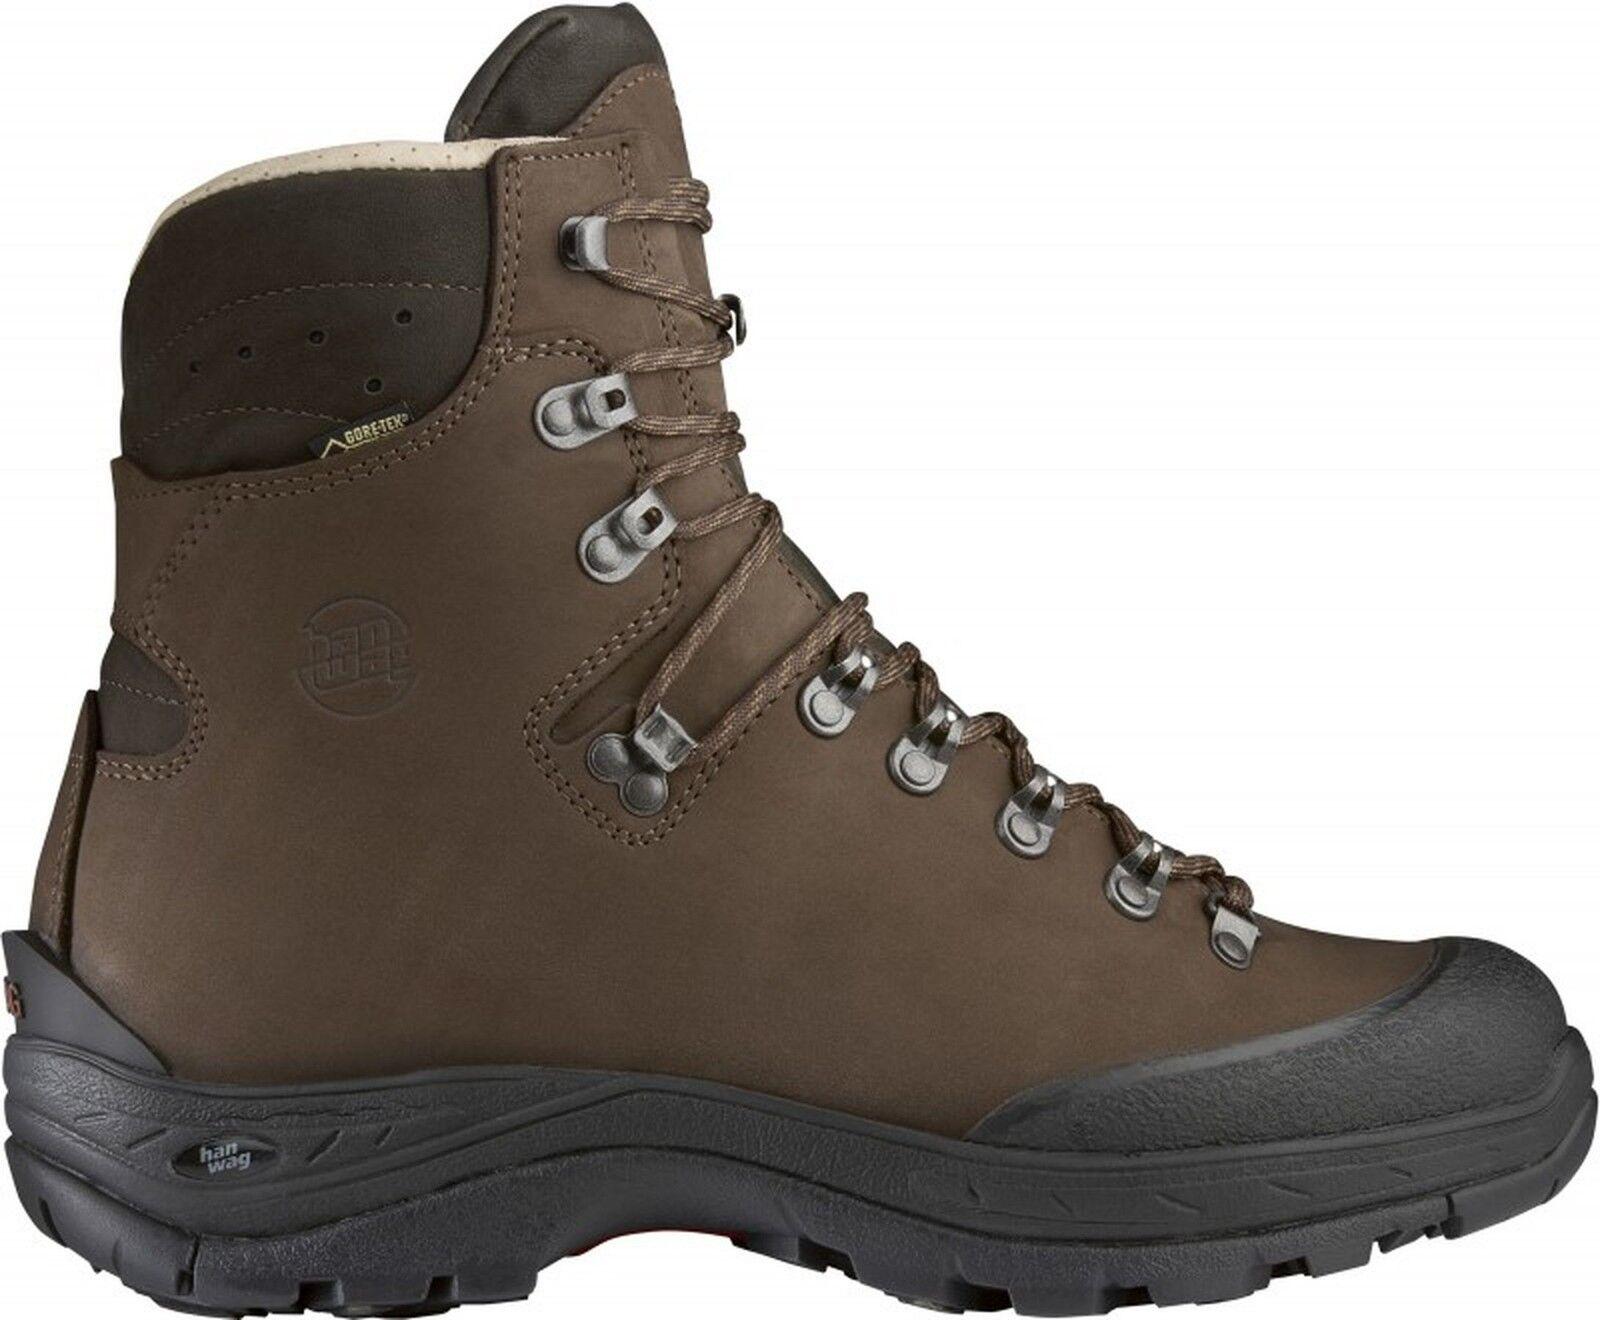 Hanwag Zapatos de Montaña Alaska Invierno GTX Men Tamaño 6,5-40  Tierra  punto de venta de la marca